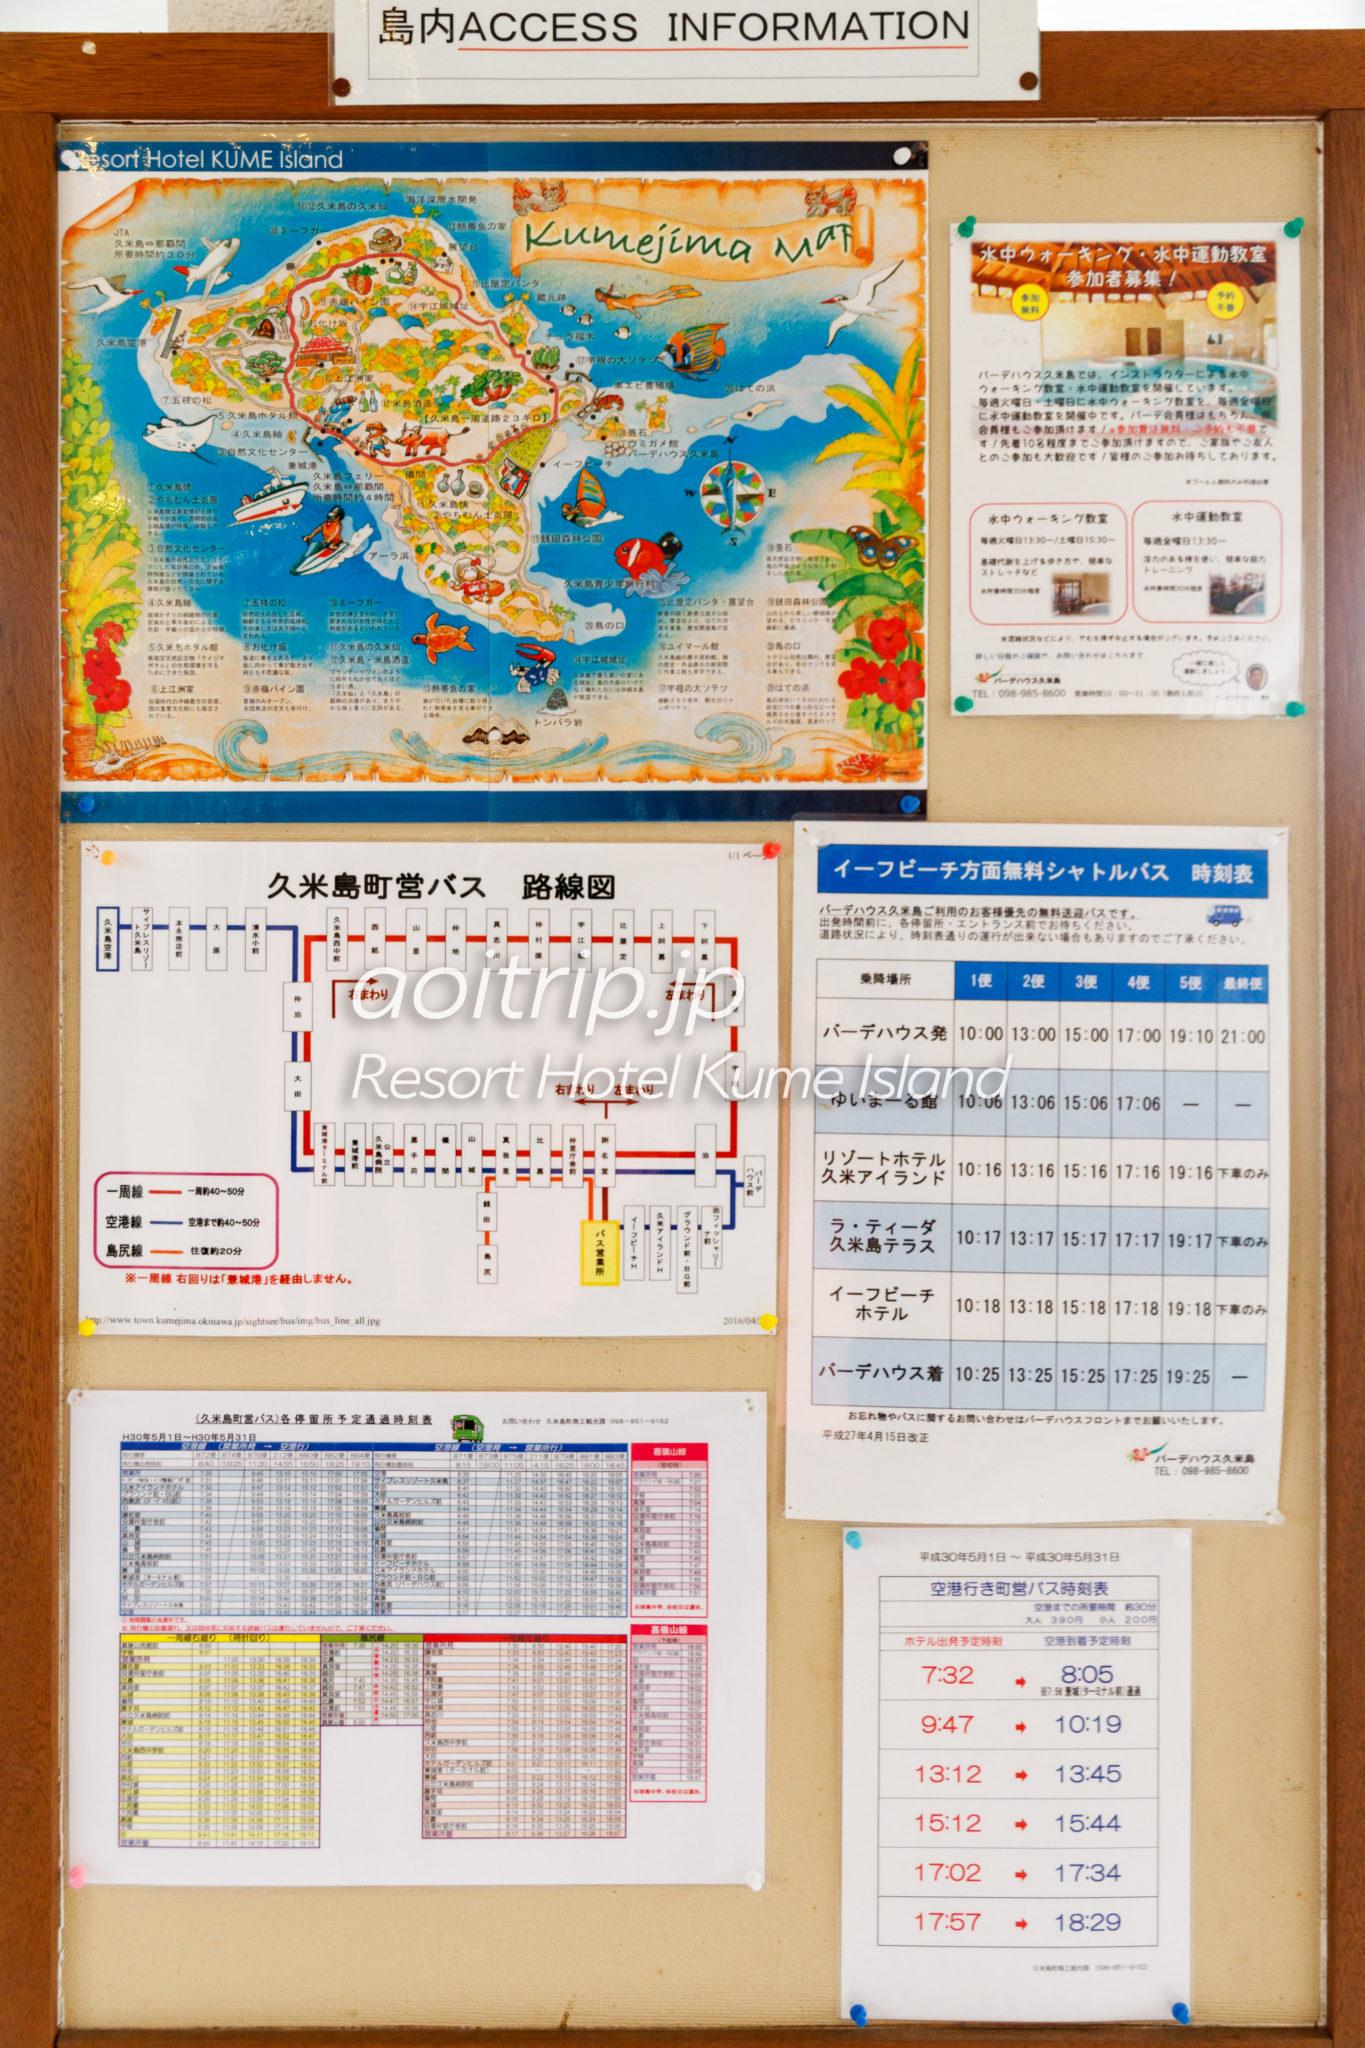 リゾートホテル久米アイランドのアクセスマップ・時刻表